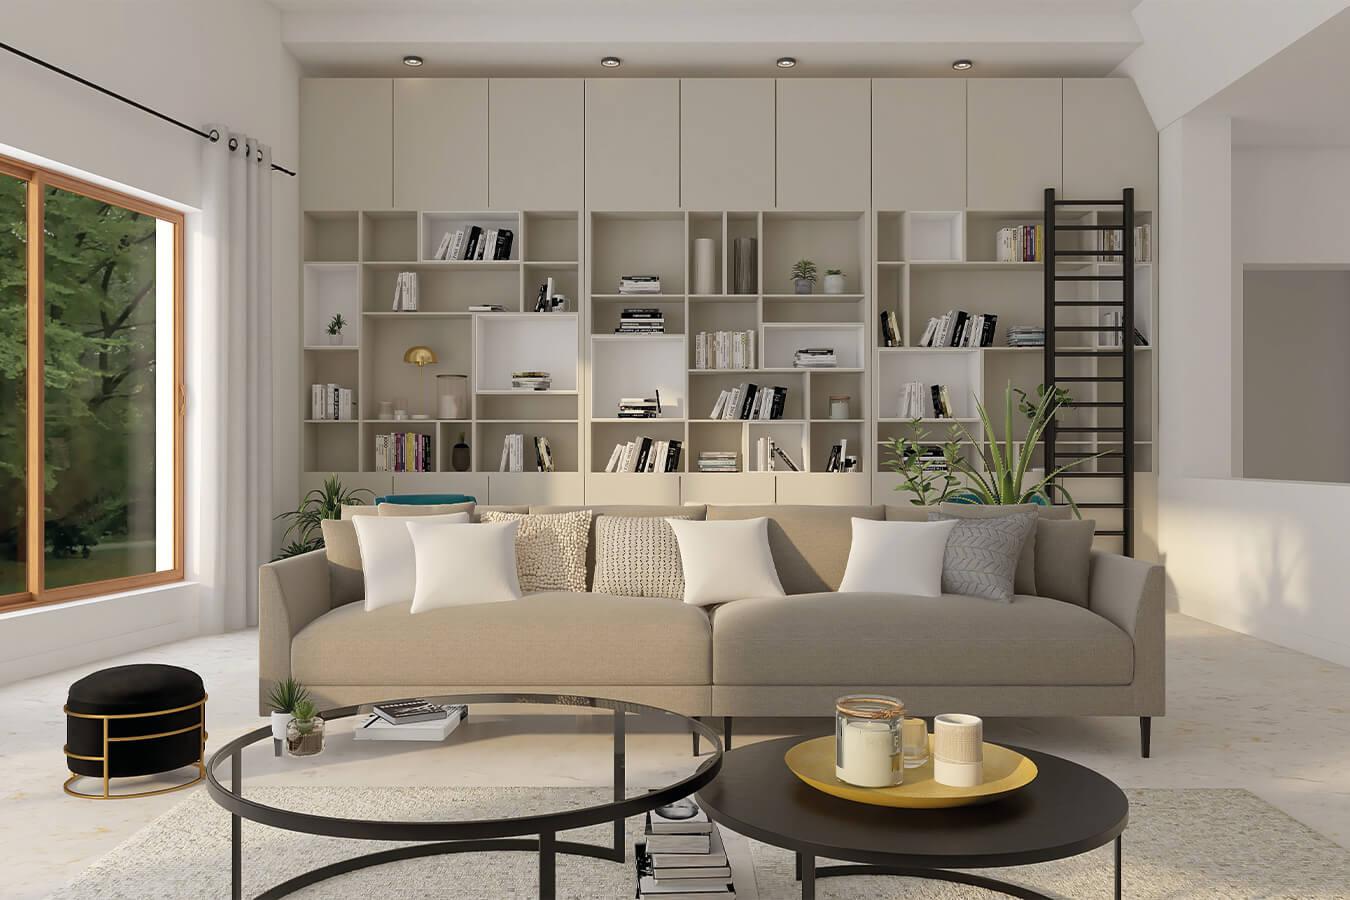 التركيبات الداخلية: غرفة الملابس والمكاتب والتخزين المخصص